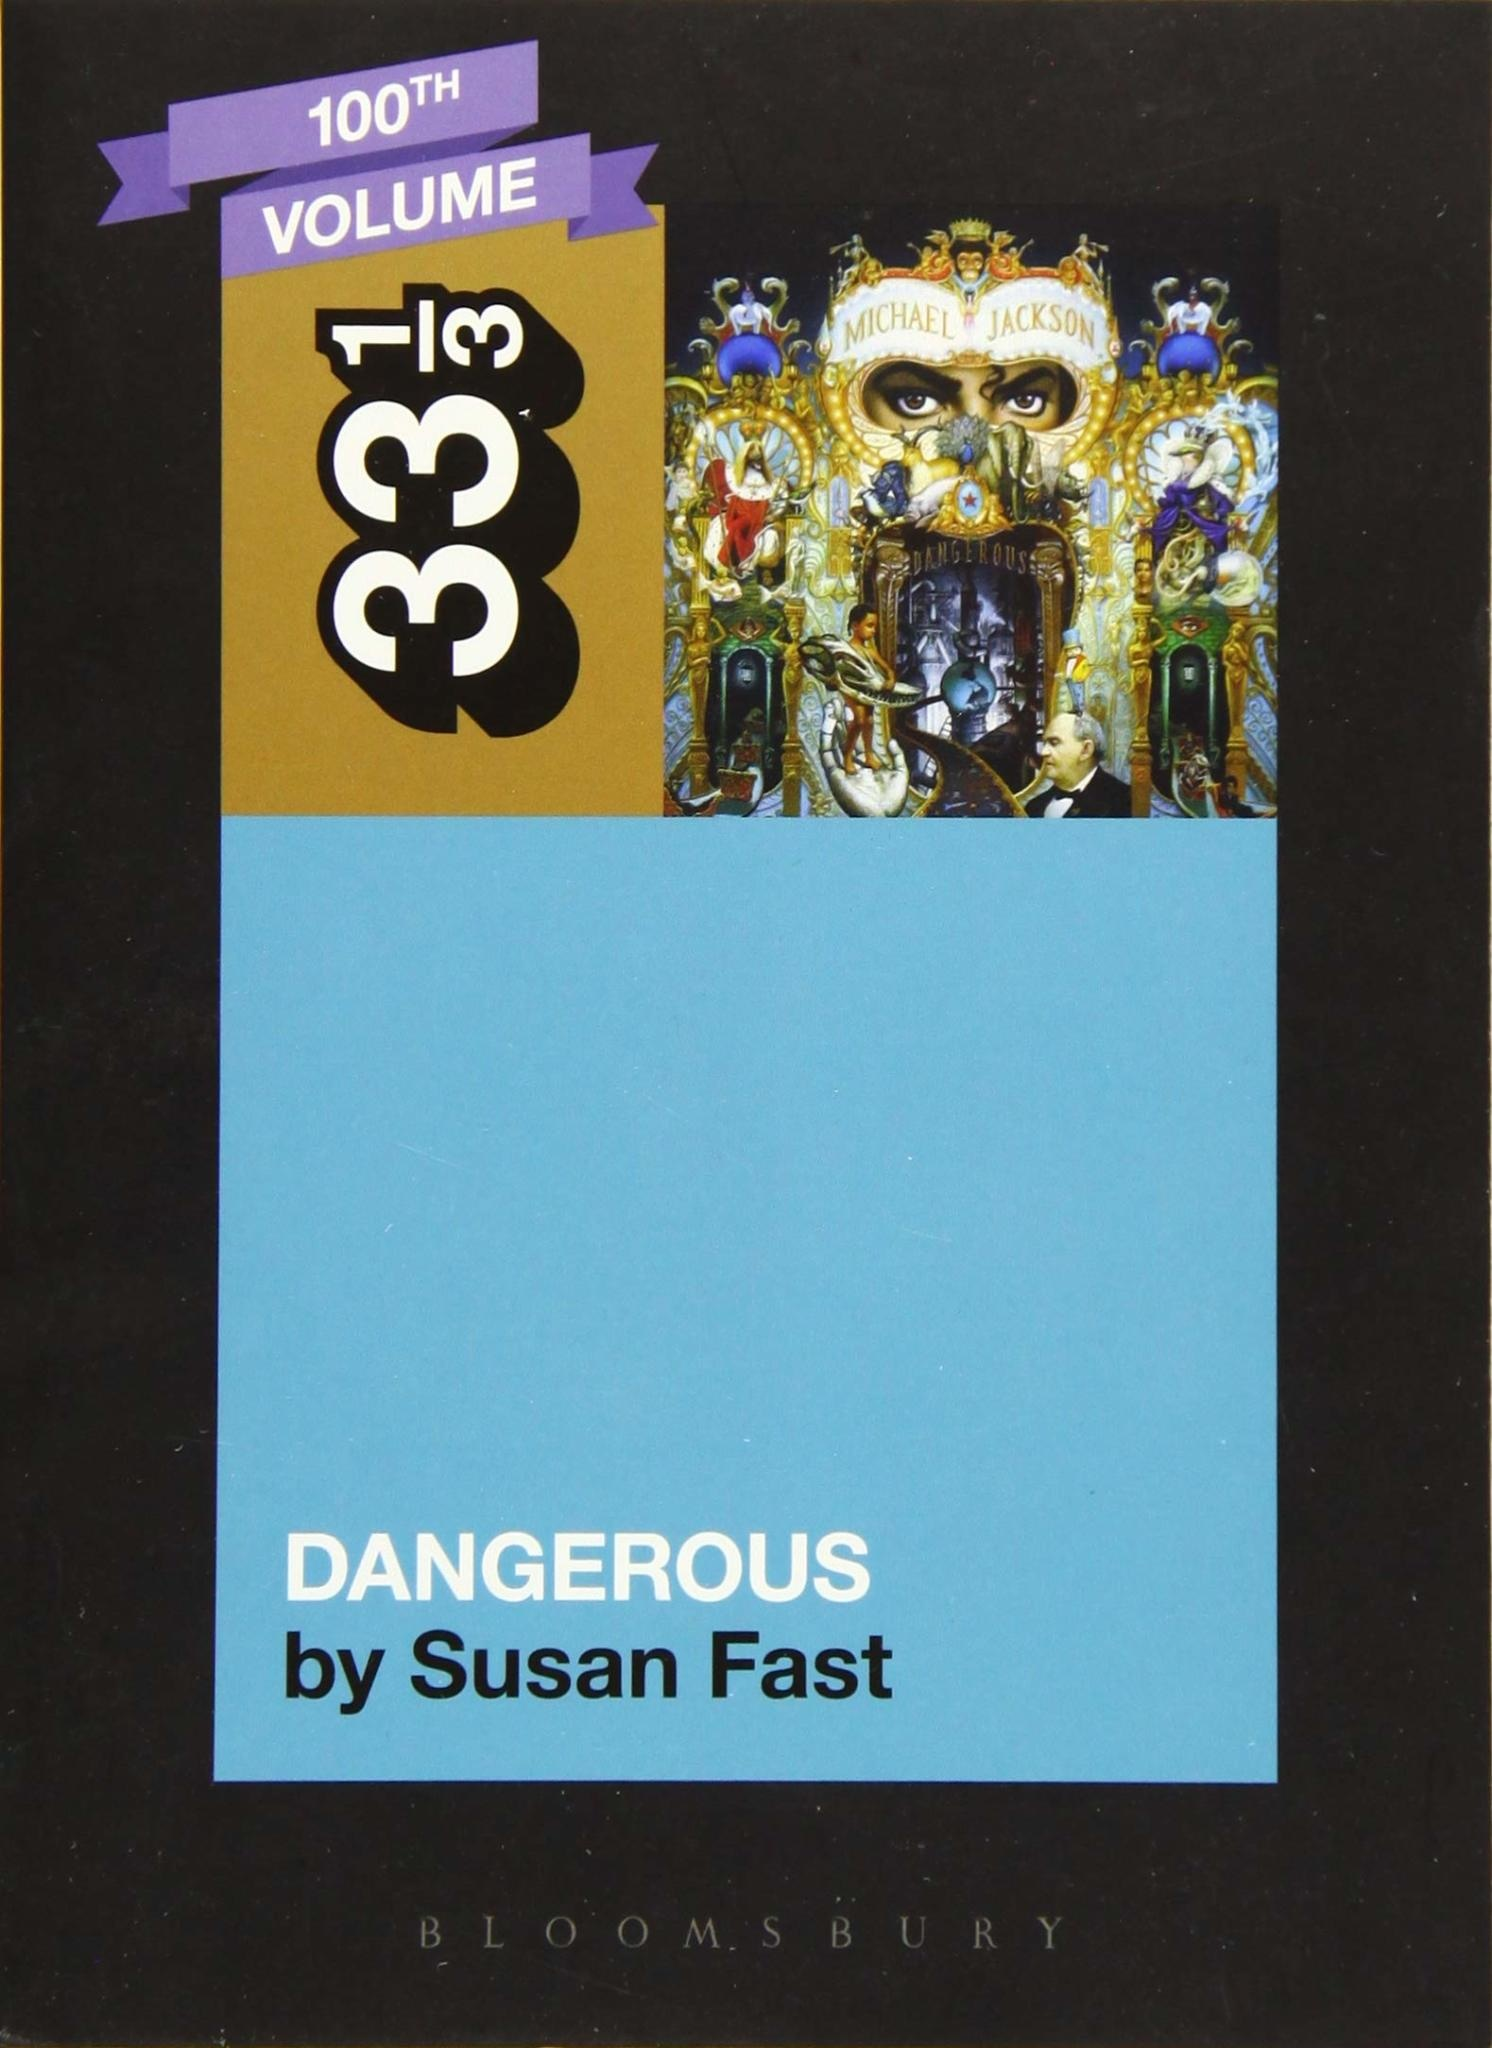 33 1/3 Series 33 1/3 - #100 - Michael Jackson's Dangerous - Susan Fast